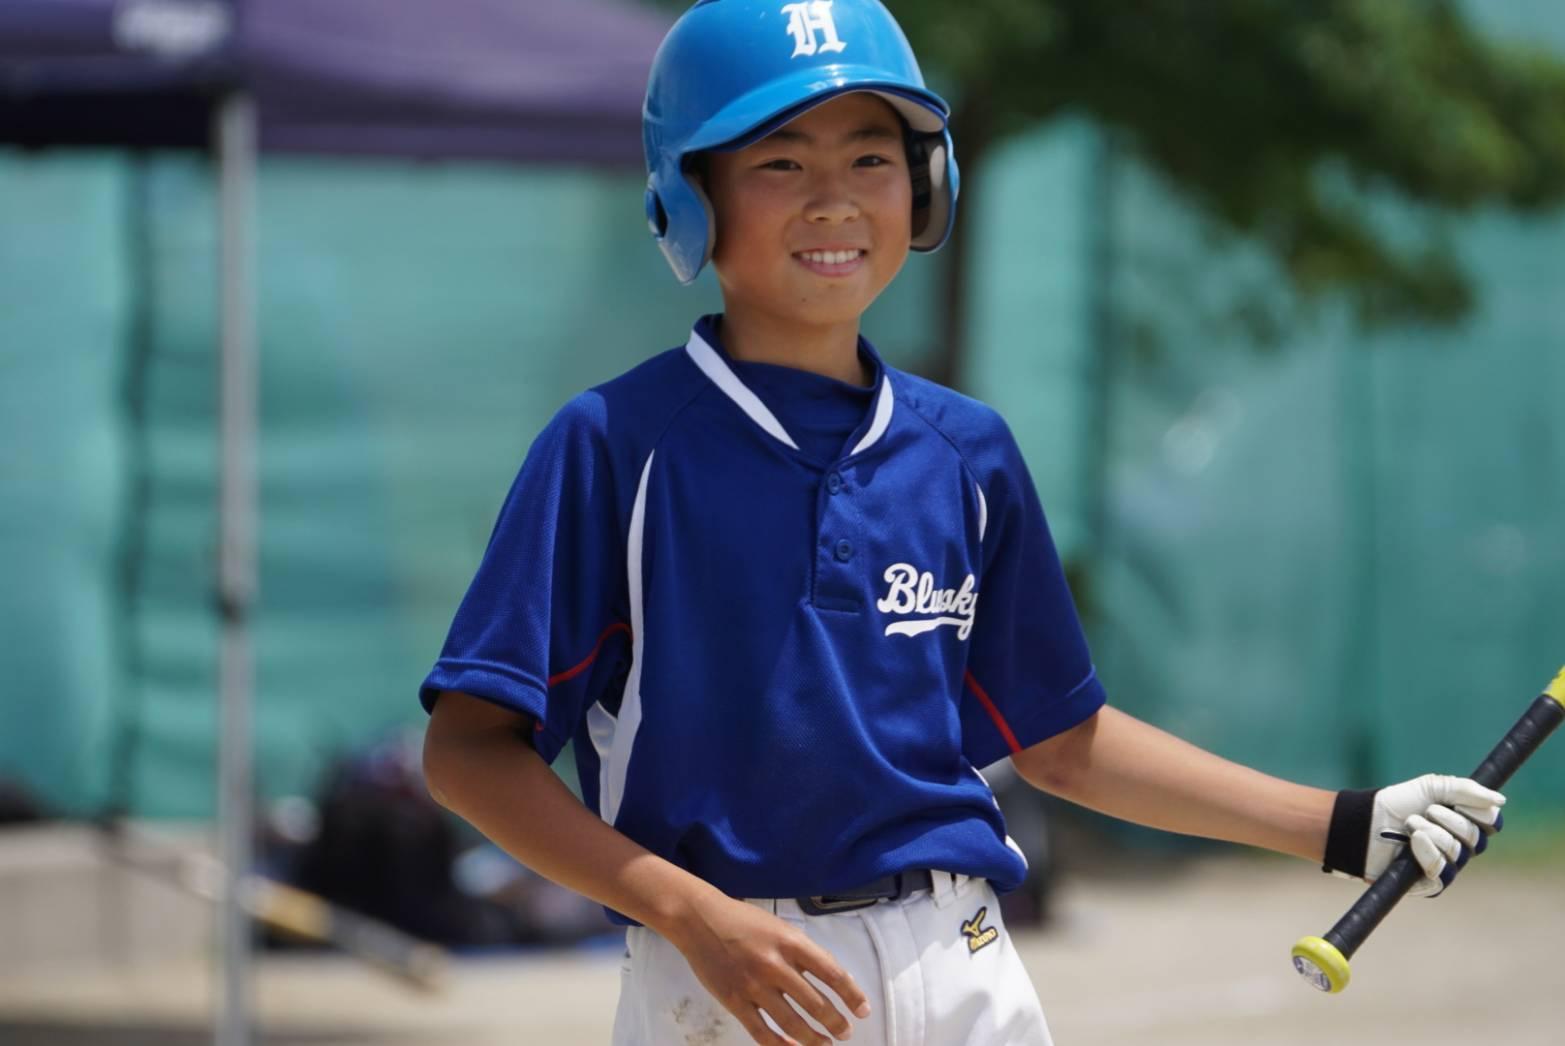 6月9日練習試合結果です!vsみつば少年野球団さん_b0095176_12235197.jpeg